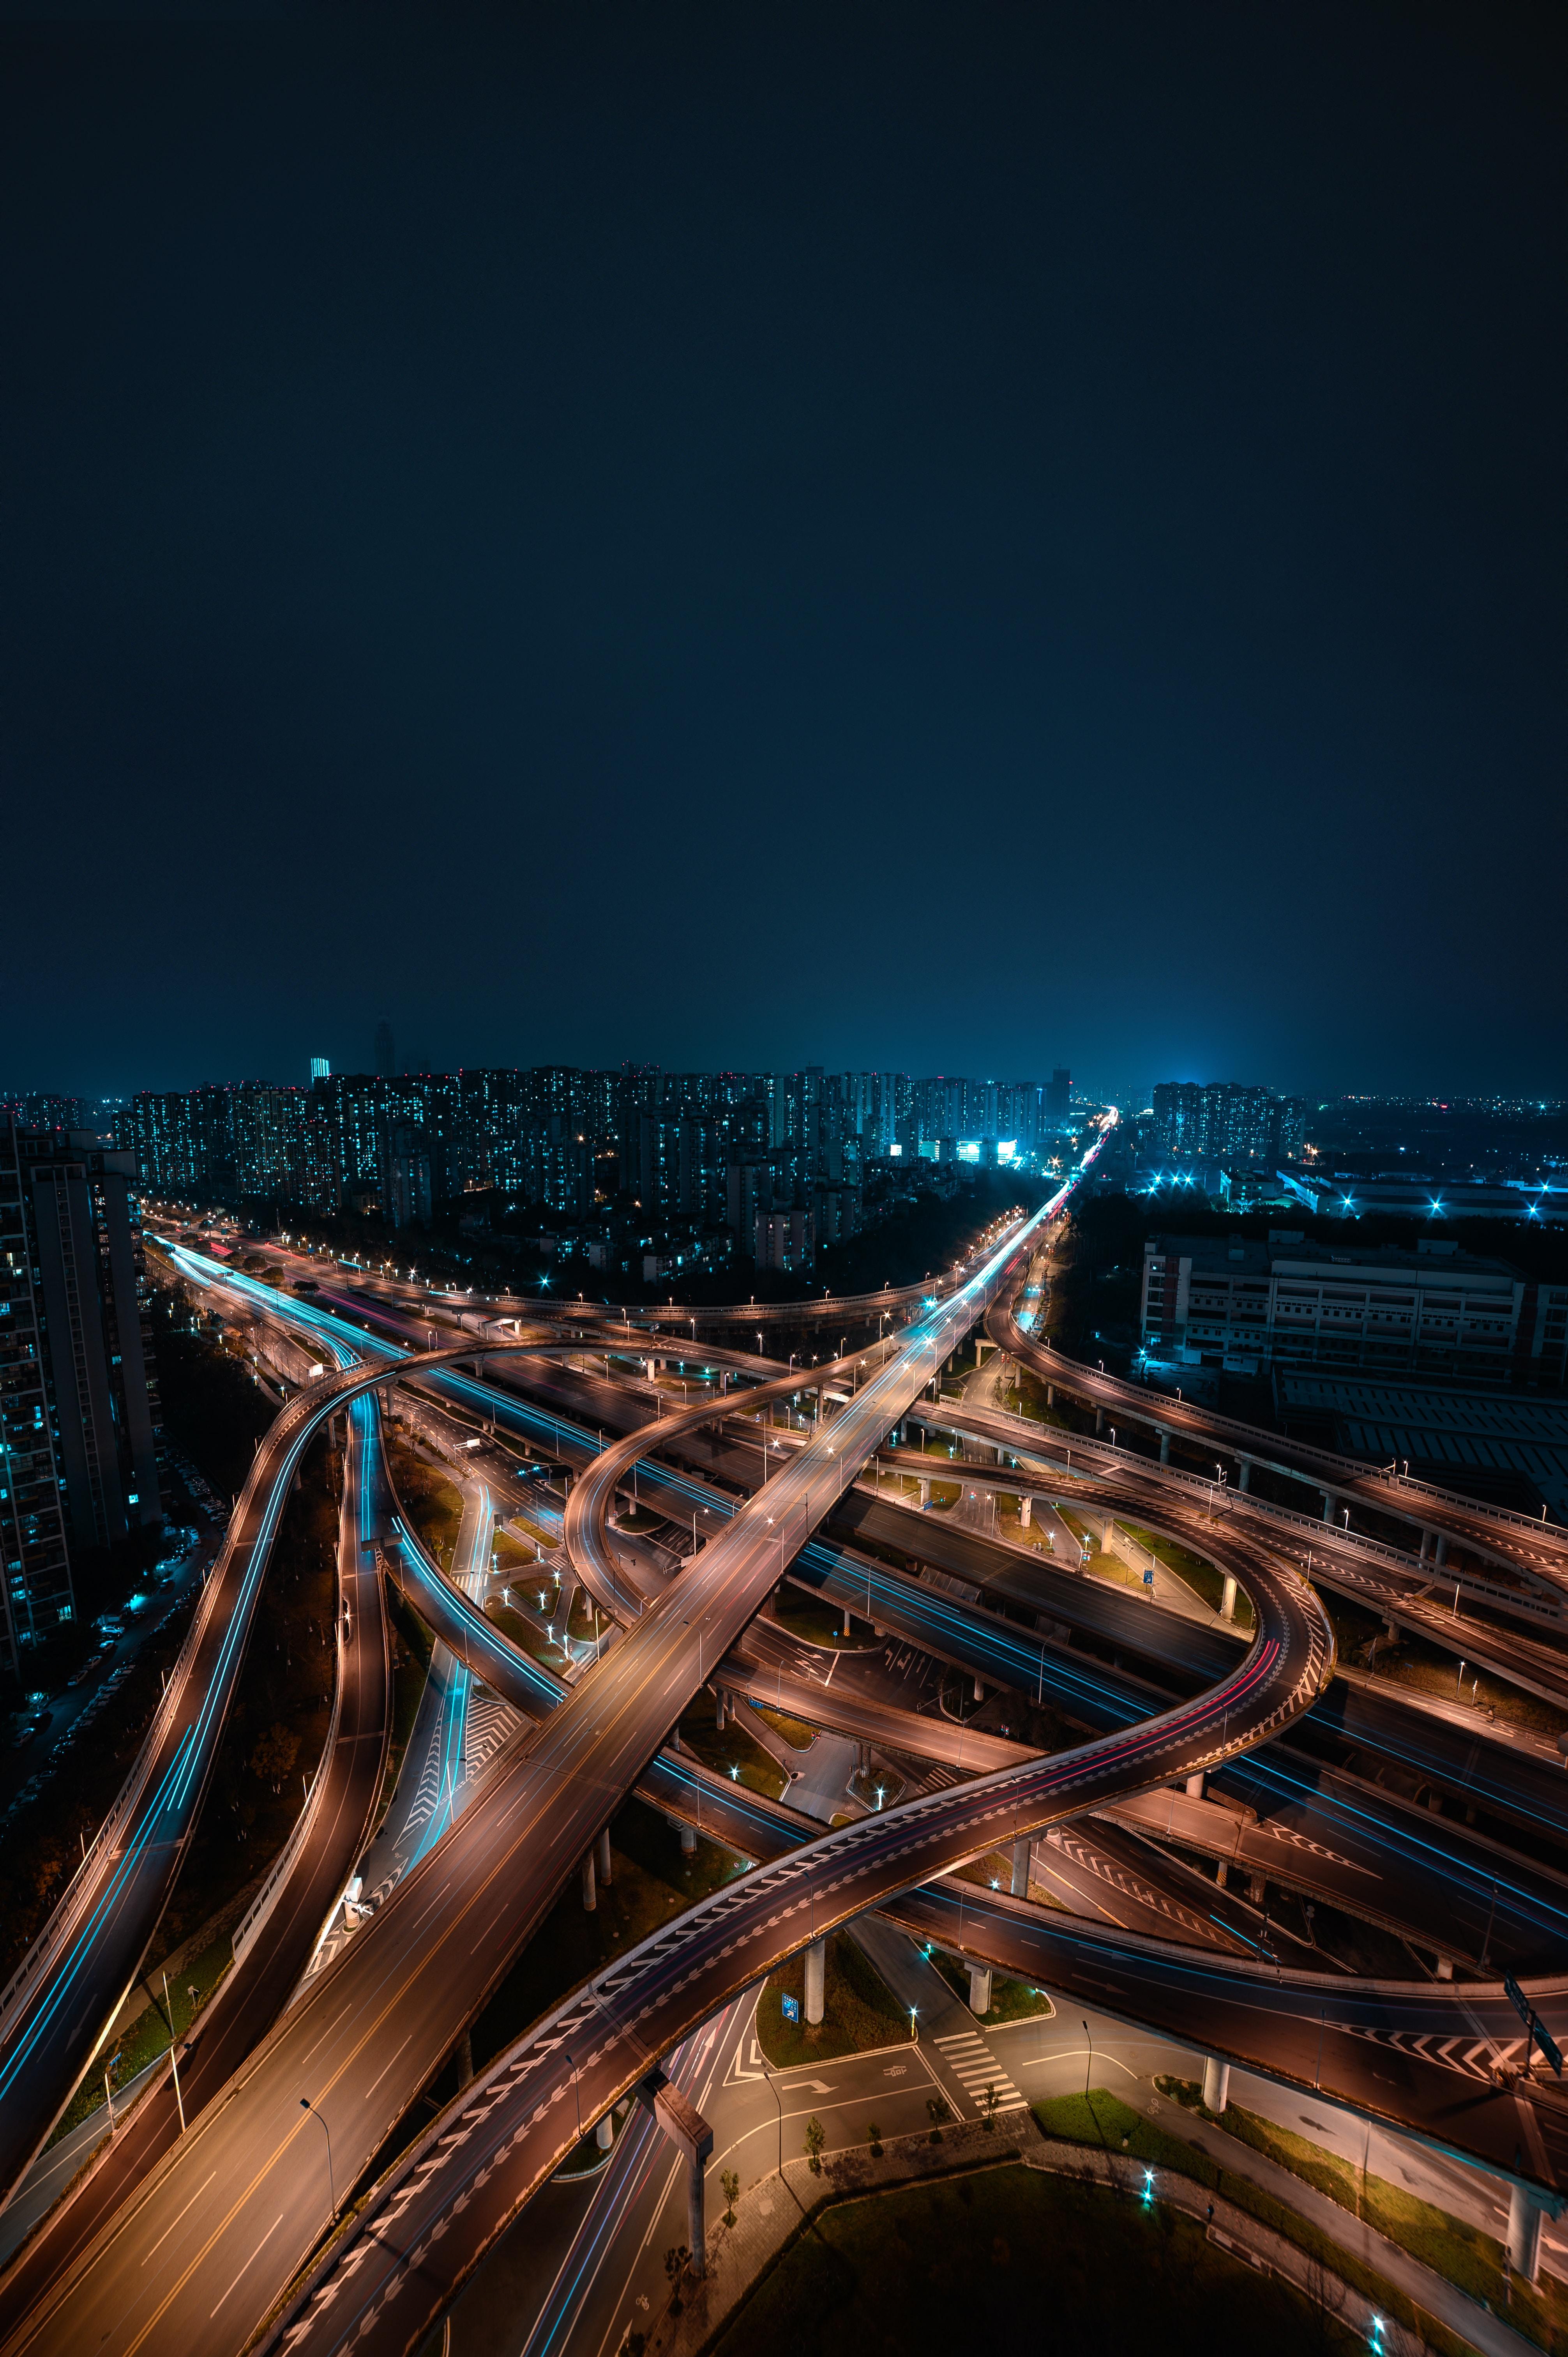 73774 Hintergrundbild herunterladen Roads, Städte, Gebäude, Blick Von Oben, Nächtliche Stadt, Night City, Megapolis, Megalopolis - Bildschirmschoner und Bilder kostenlos